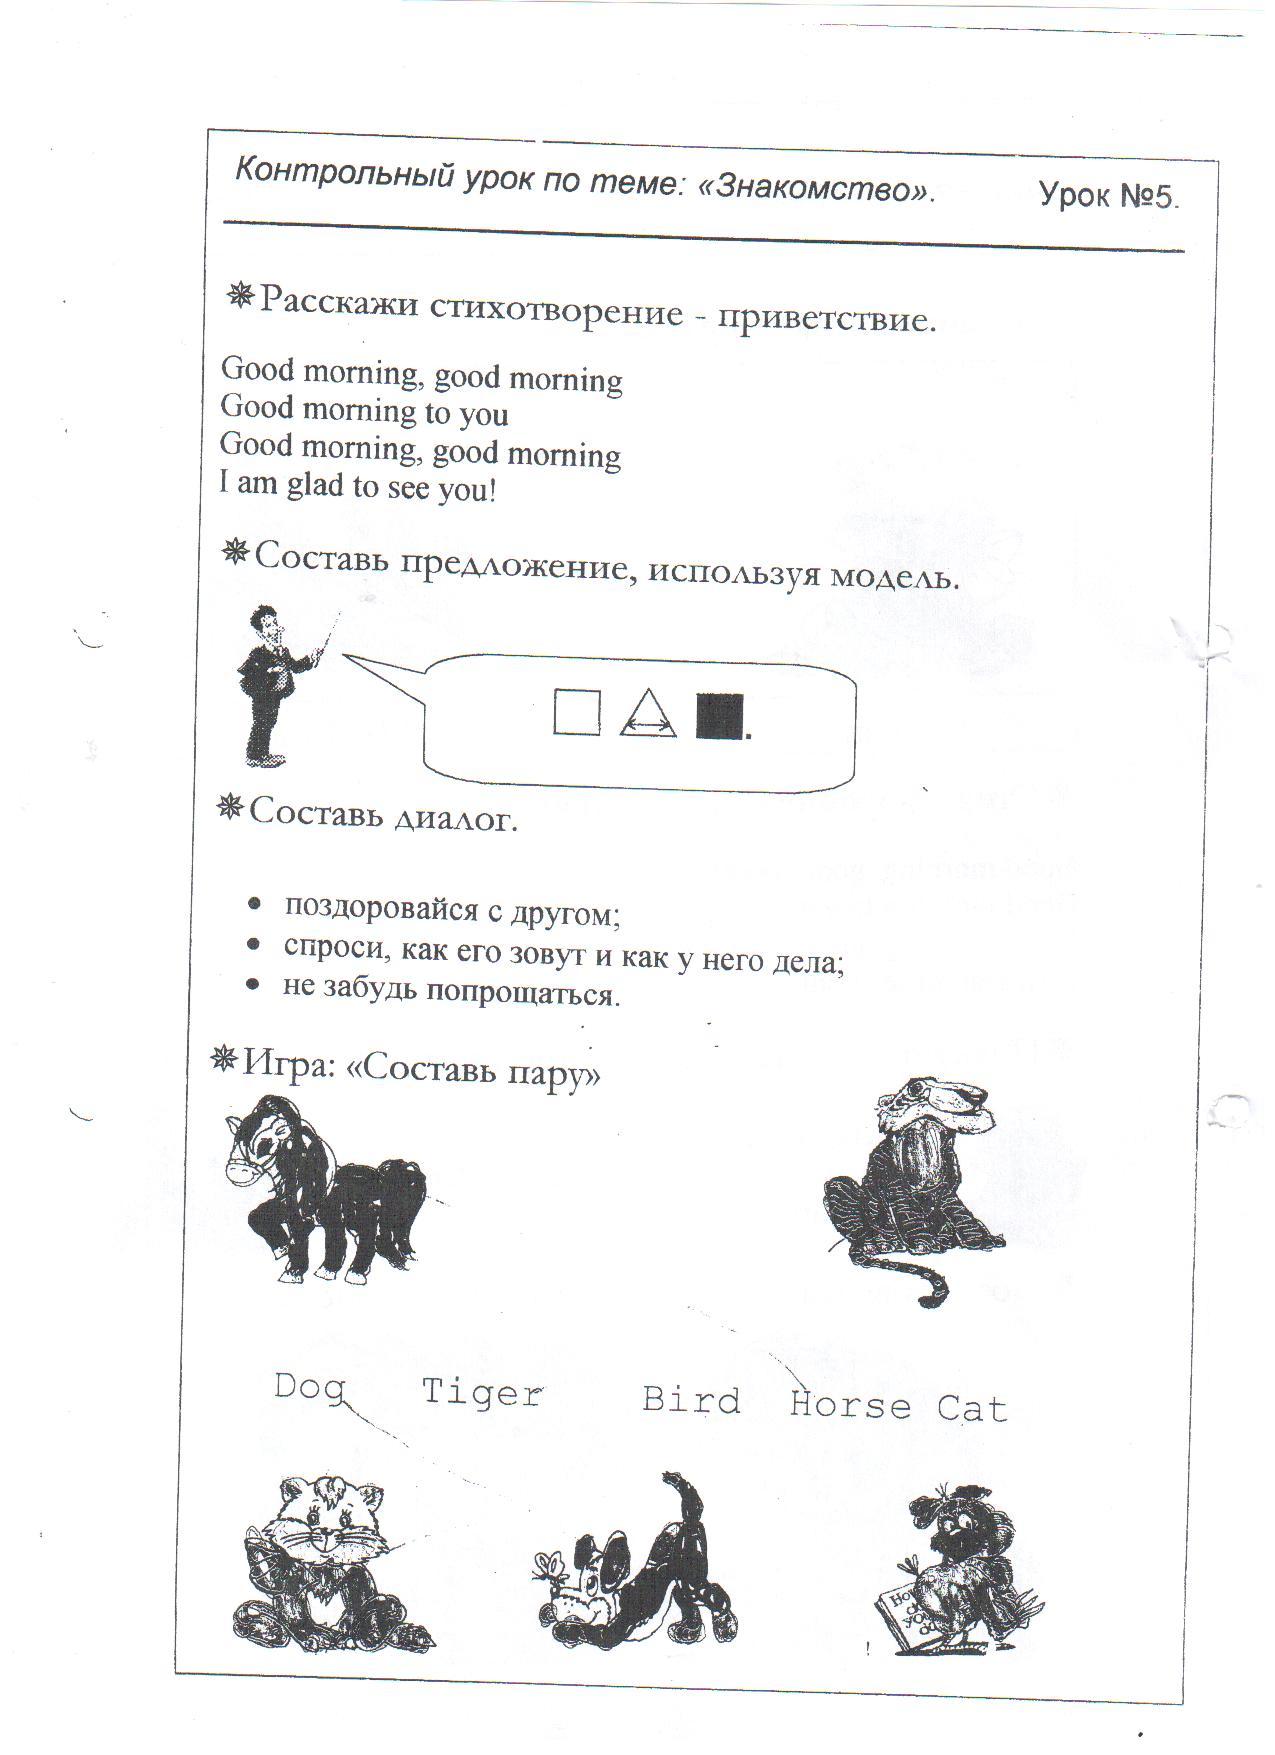 C:\Documents and Settings\Admin\Мои документы\Мои рисунки\Изображение\Изображение 078.jpg